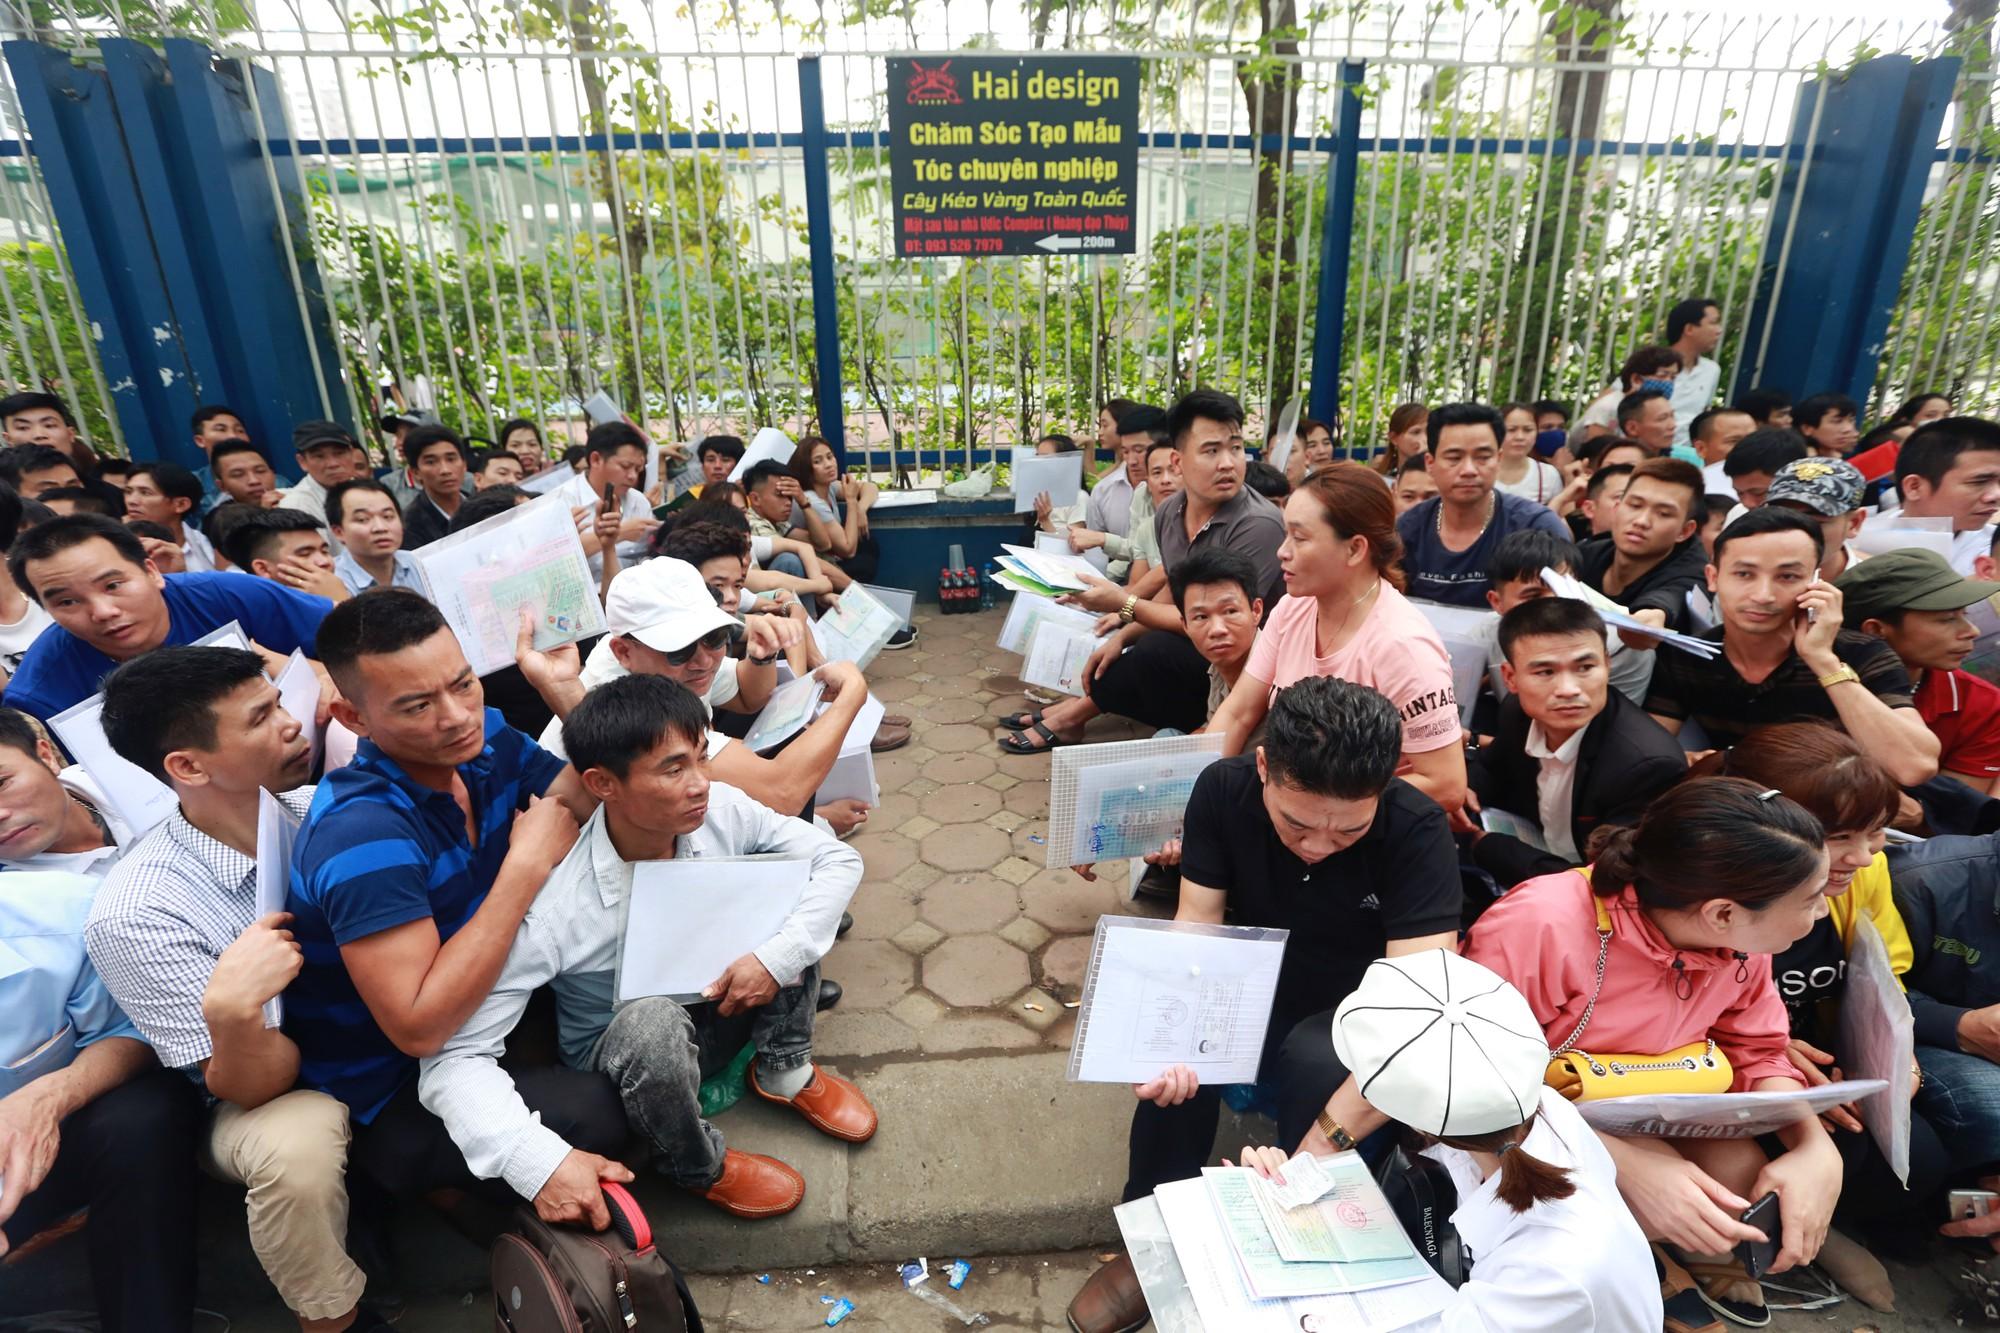 Cận cảnh hàng nghìn người xếp hàng trước Đại sứ quán Hàn Quốc chờ làm visa - Ảnh 3.